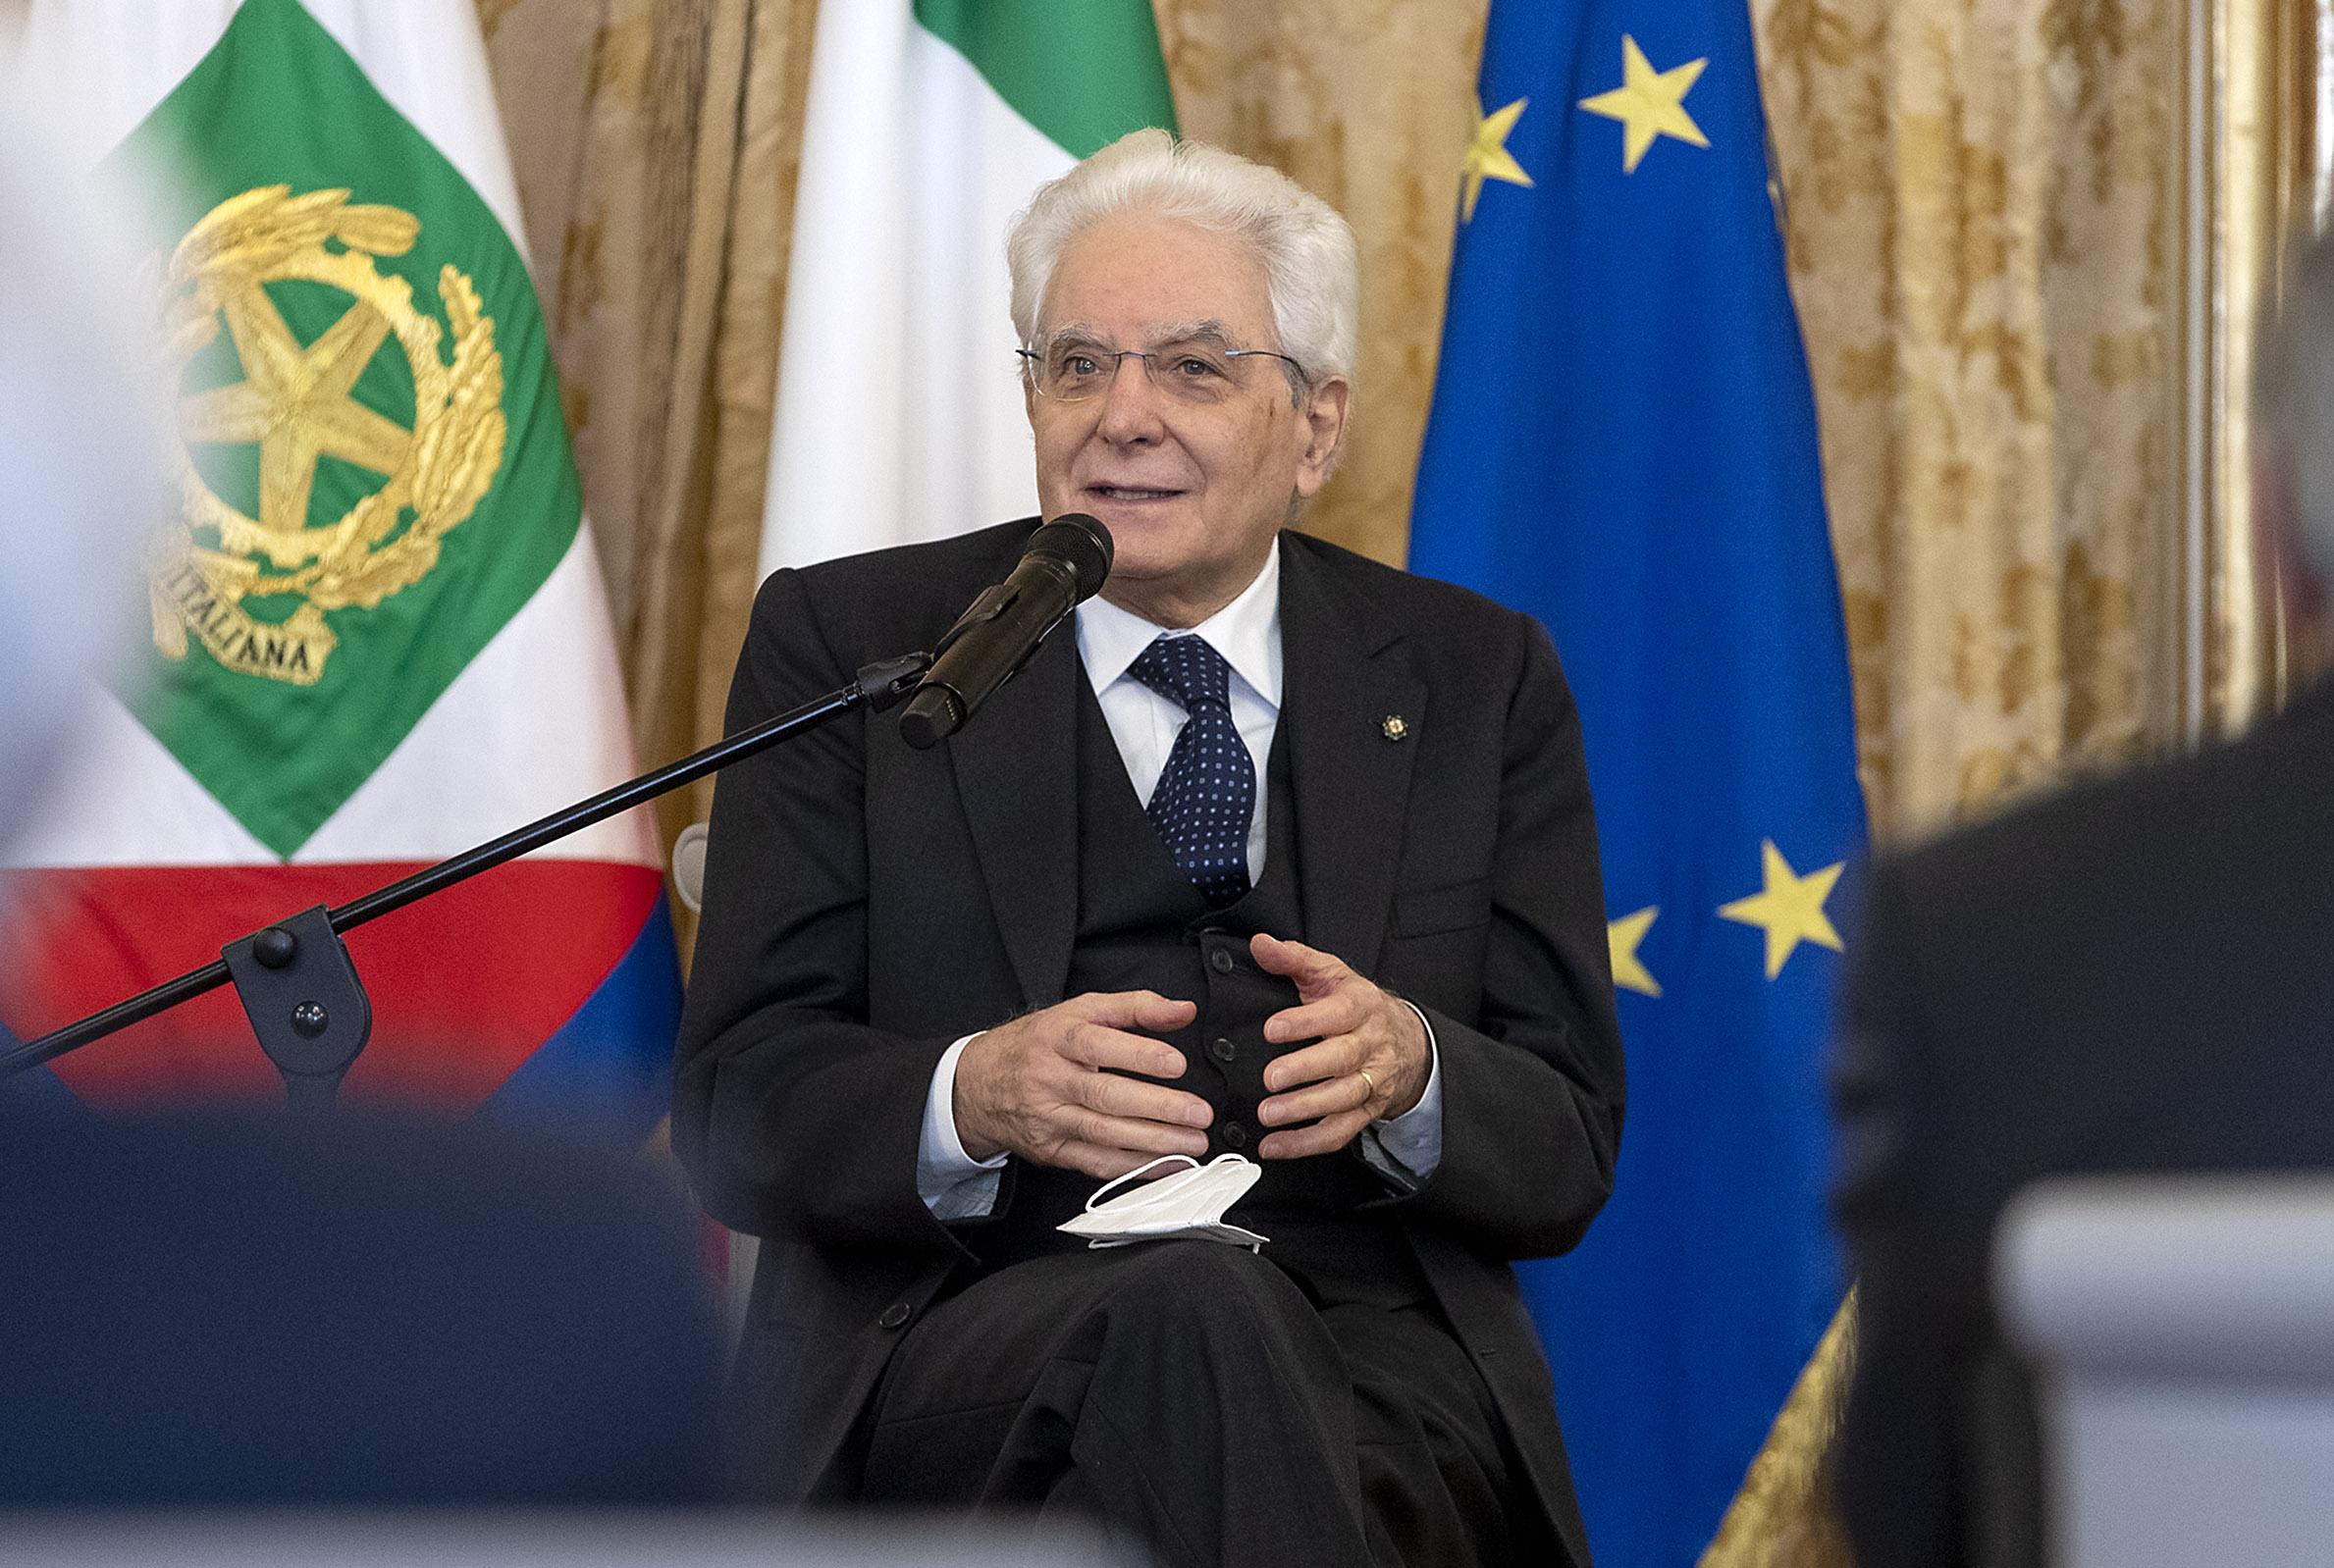 """Terrorismo, Mattarella """"Bersaglio era giovane democrazia parlamentare"""""""